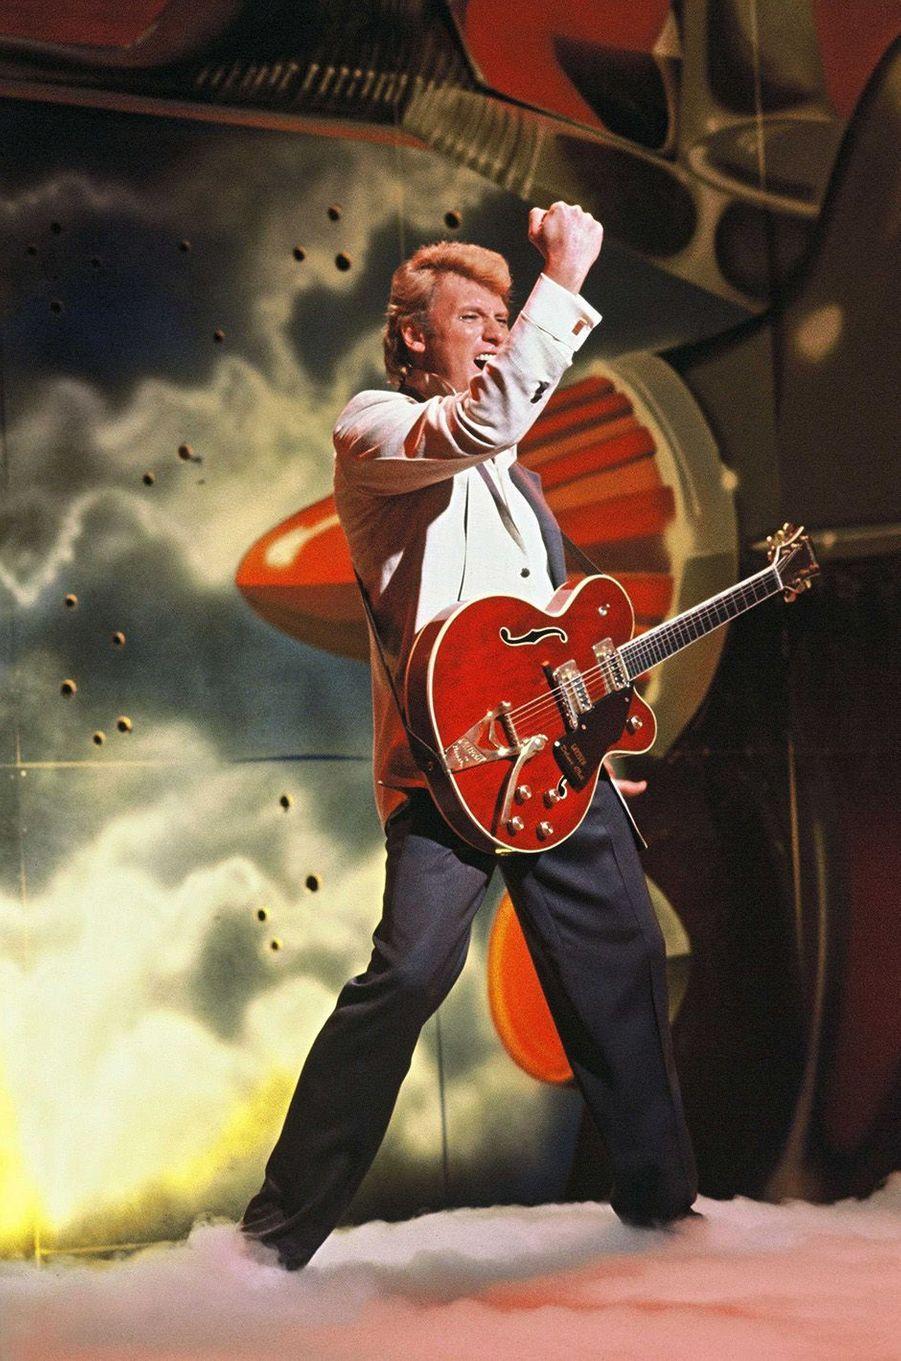 Johnny Hallyday aurait eu 75 ans en ce vendredi 15 juin 2018.